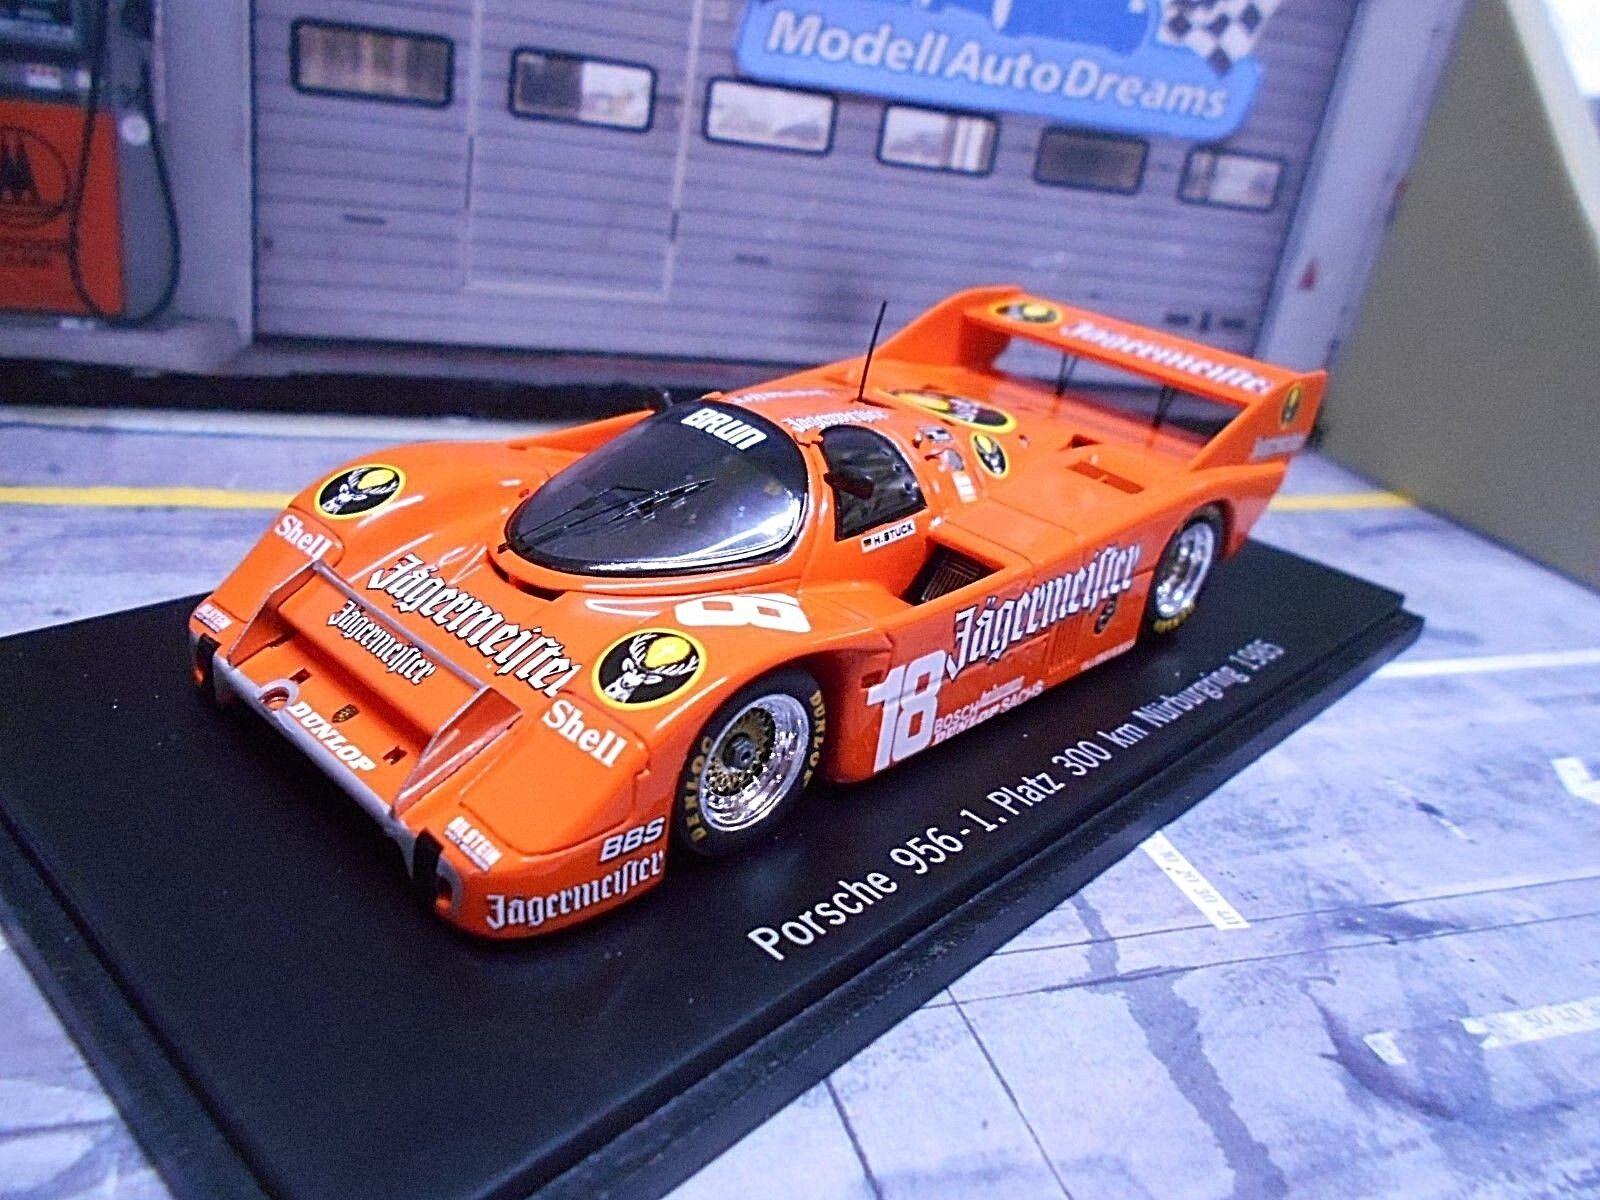 Porsche 956 K Nurburgring 1985 #18 stuc Win Jagermeister Brun Limit Spark 1:43   En Ligne Outlet Store